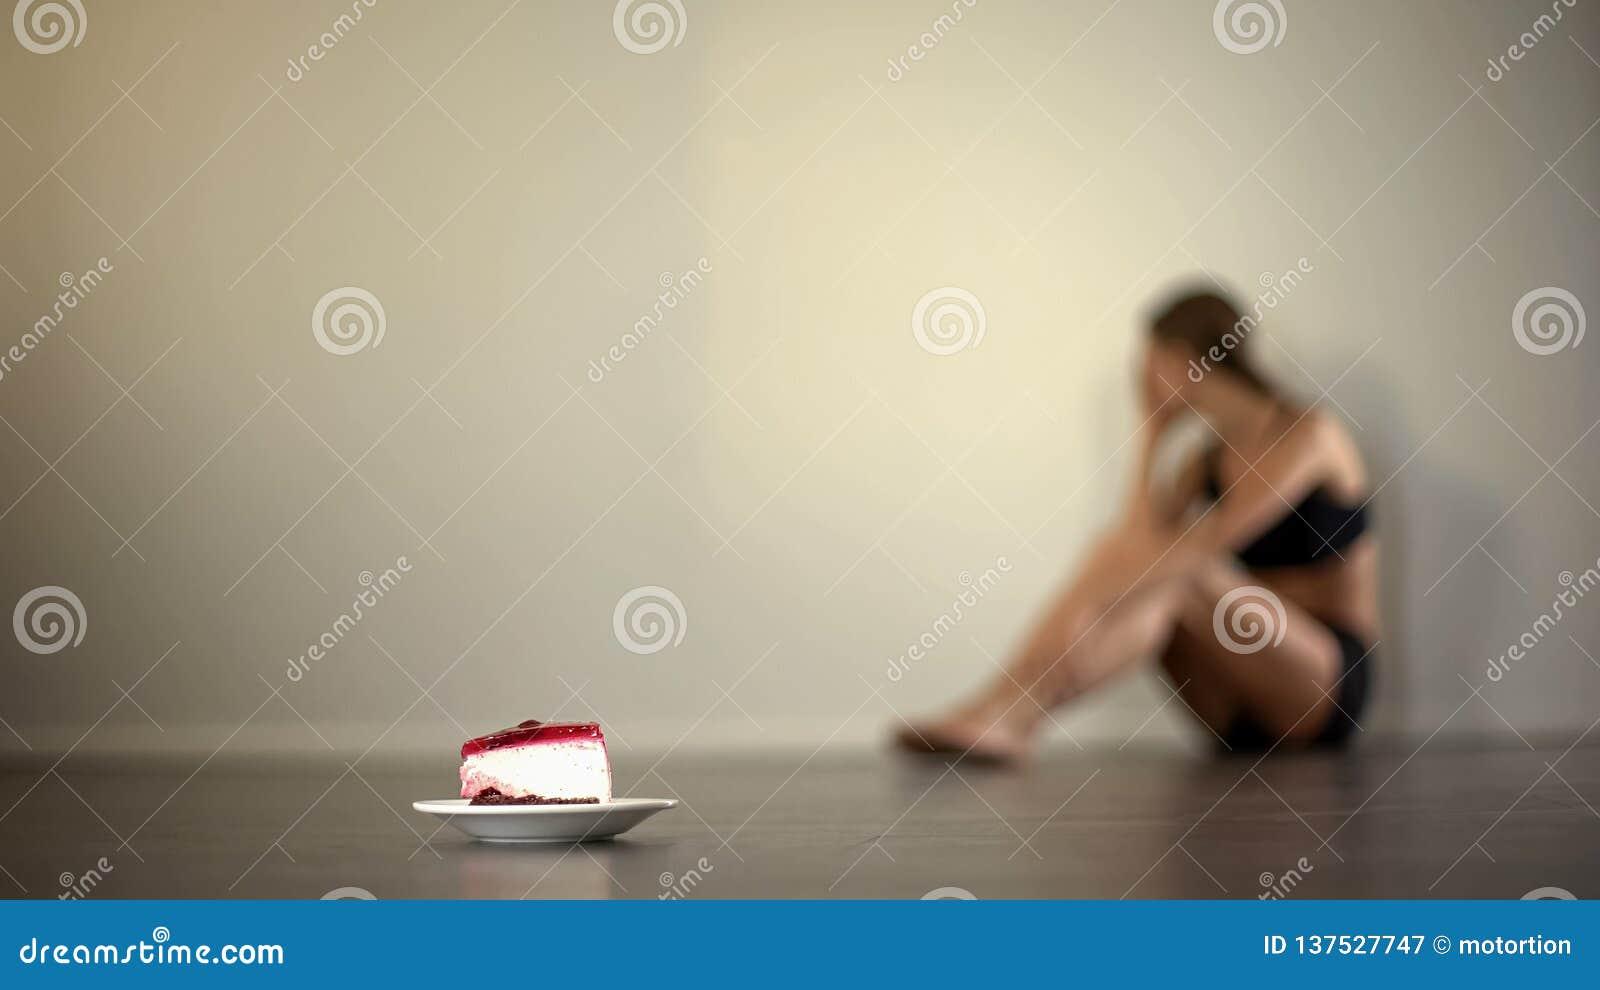 Le modèle maigre sent la nausée en regardant le gâteau, anorexie, trouble de la nutrition